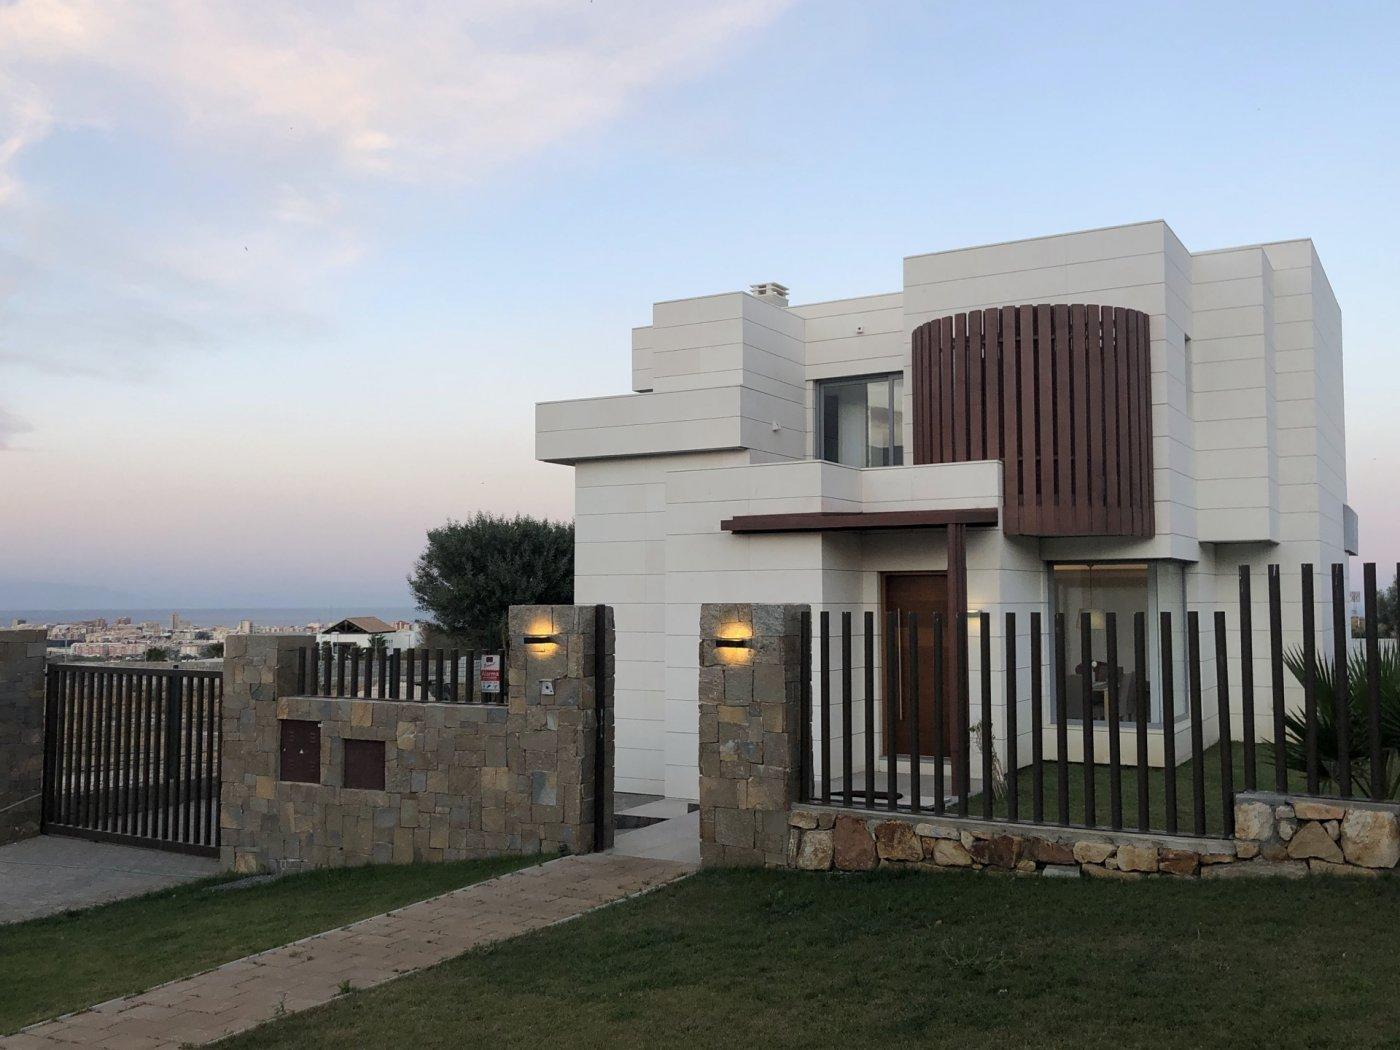 Venta de villas modernas en mijas costa, malaga, espaÑa - imagenInmueble30